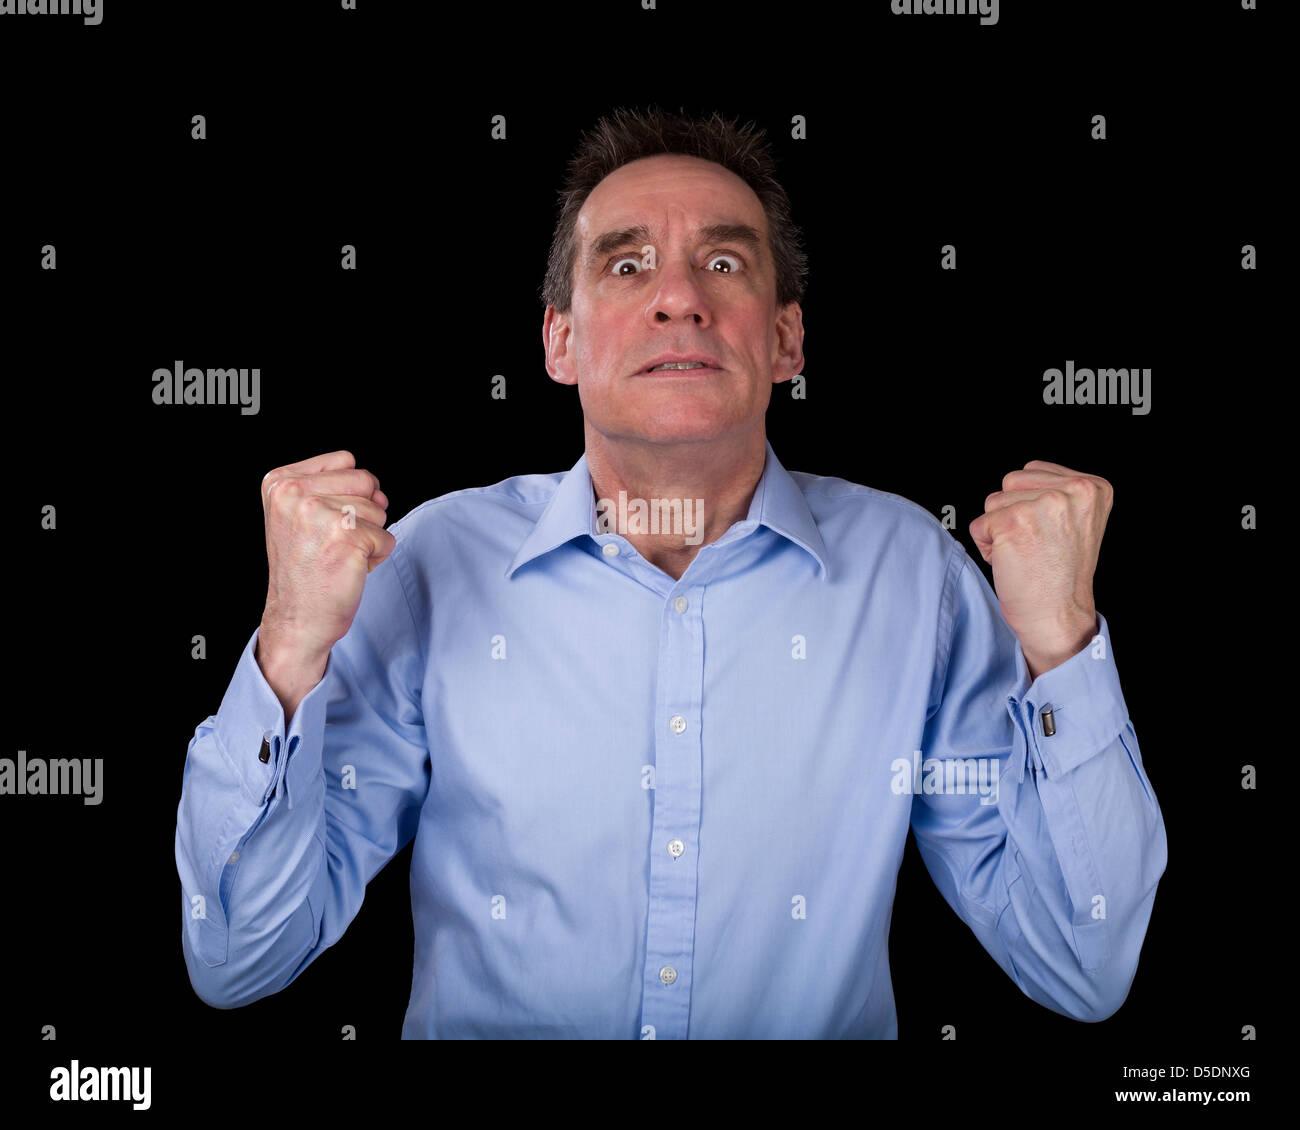 L'âge moyen frustré Business Man Shaking poings de colère Fond noir Banque D'Images